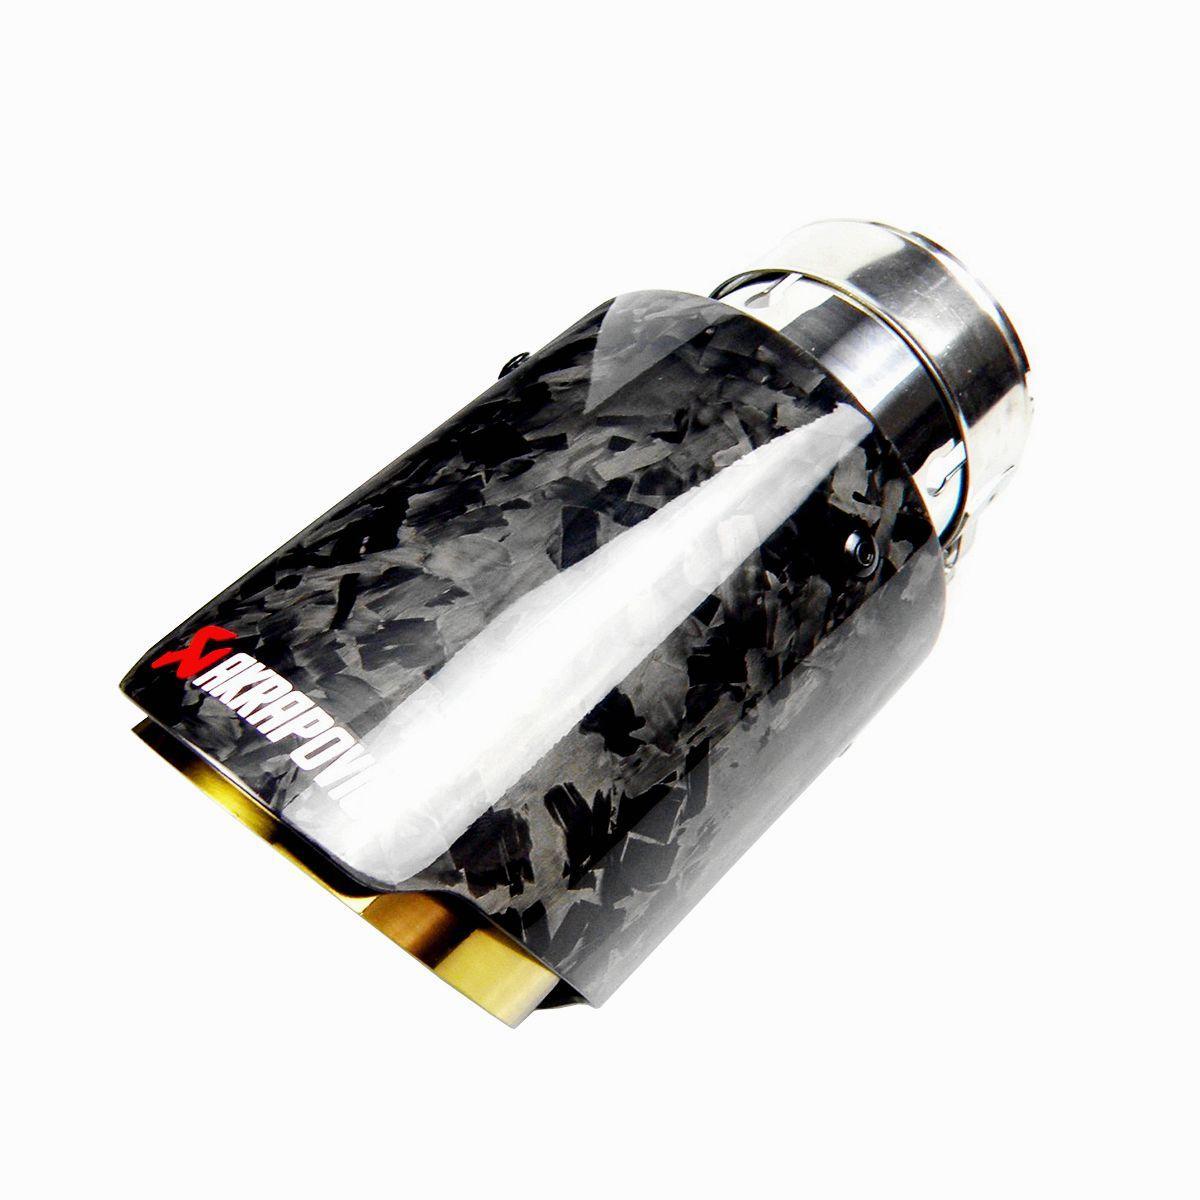 السيارات العالمي على التوالى على حافة ذهبية الفولاذ المقاوم للصدأ المصقول مزورة من ألياف الكربون العادم الخمار تلميح العادم نهاية أنبوب الذيل تلميح الأنابيب AK LOGO